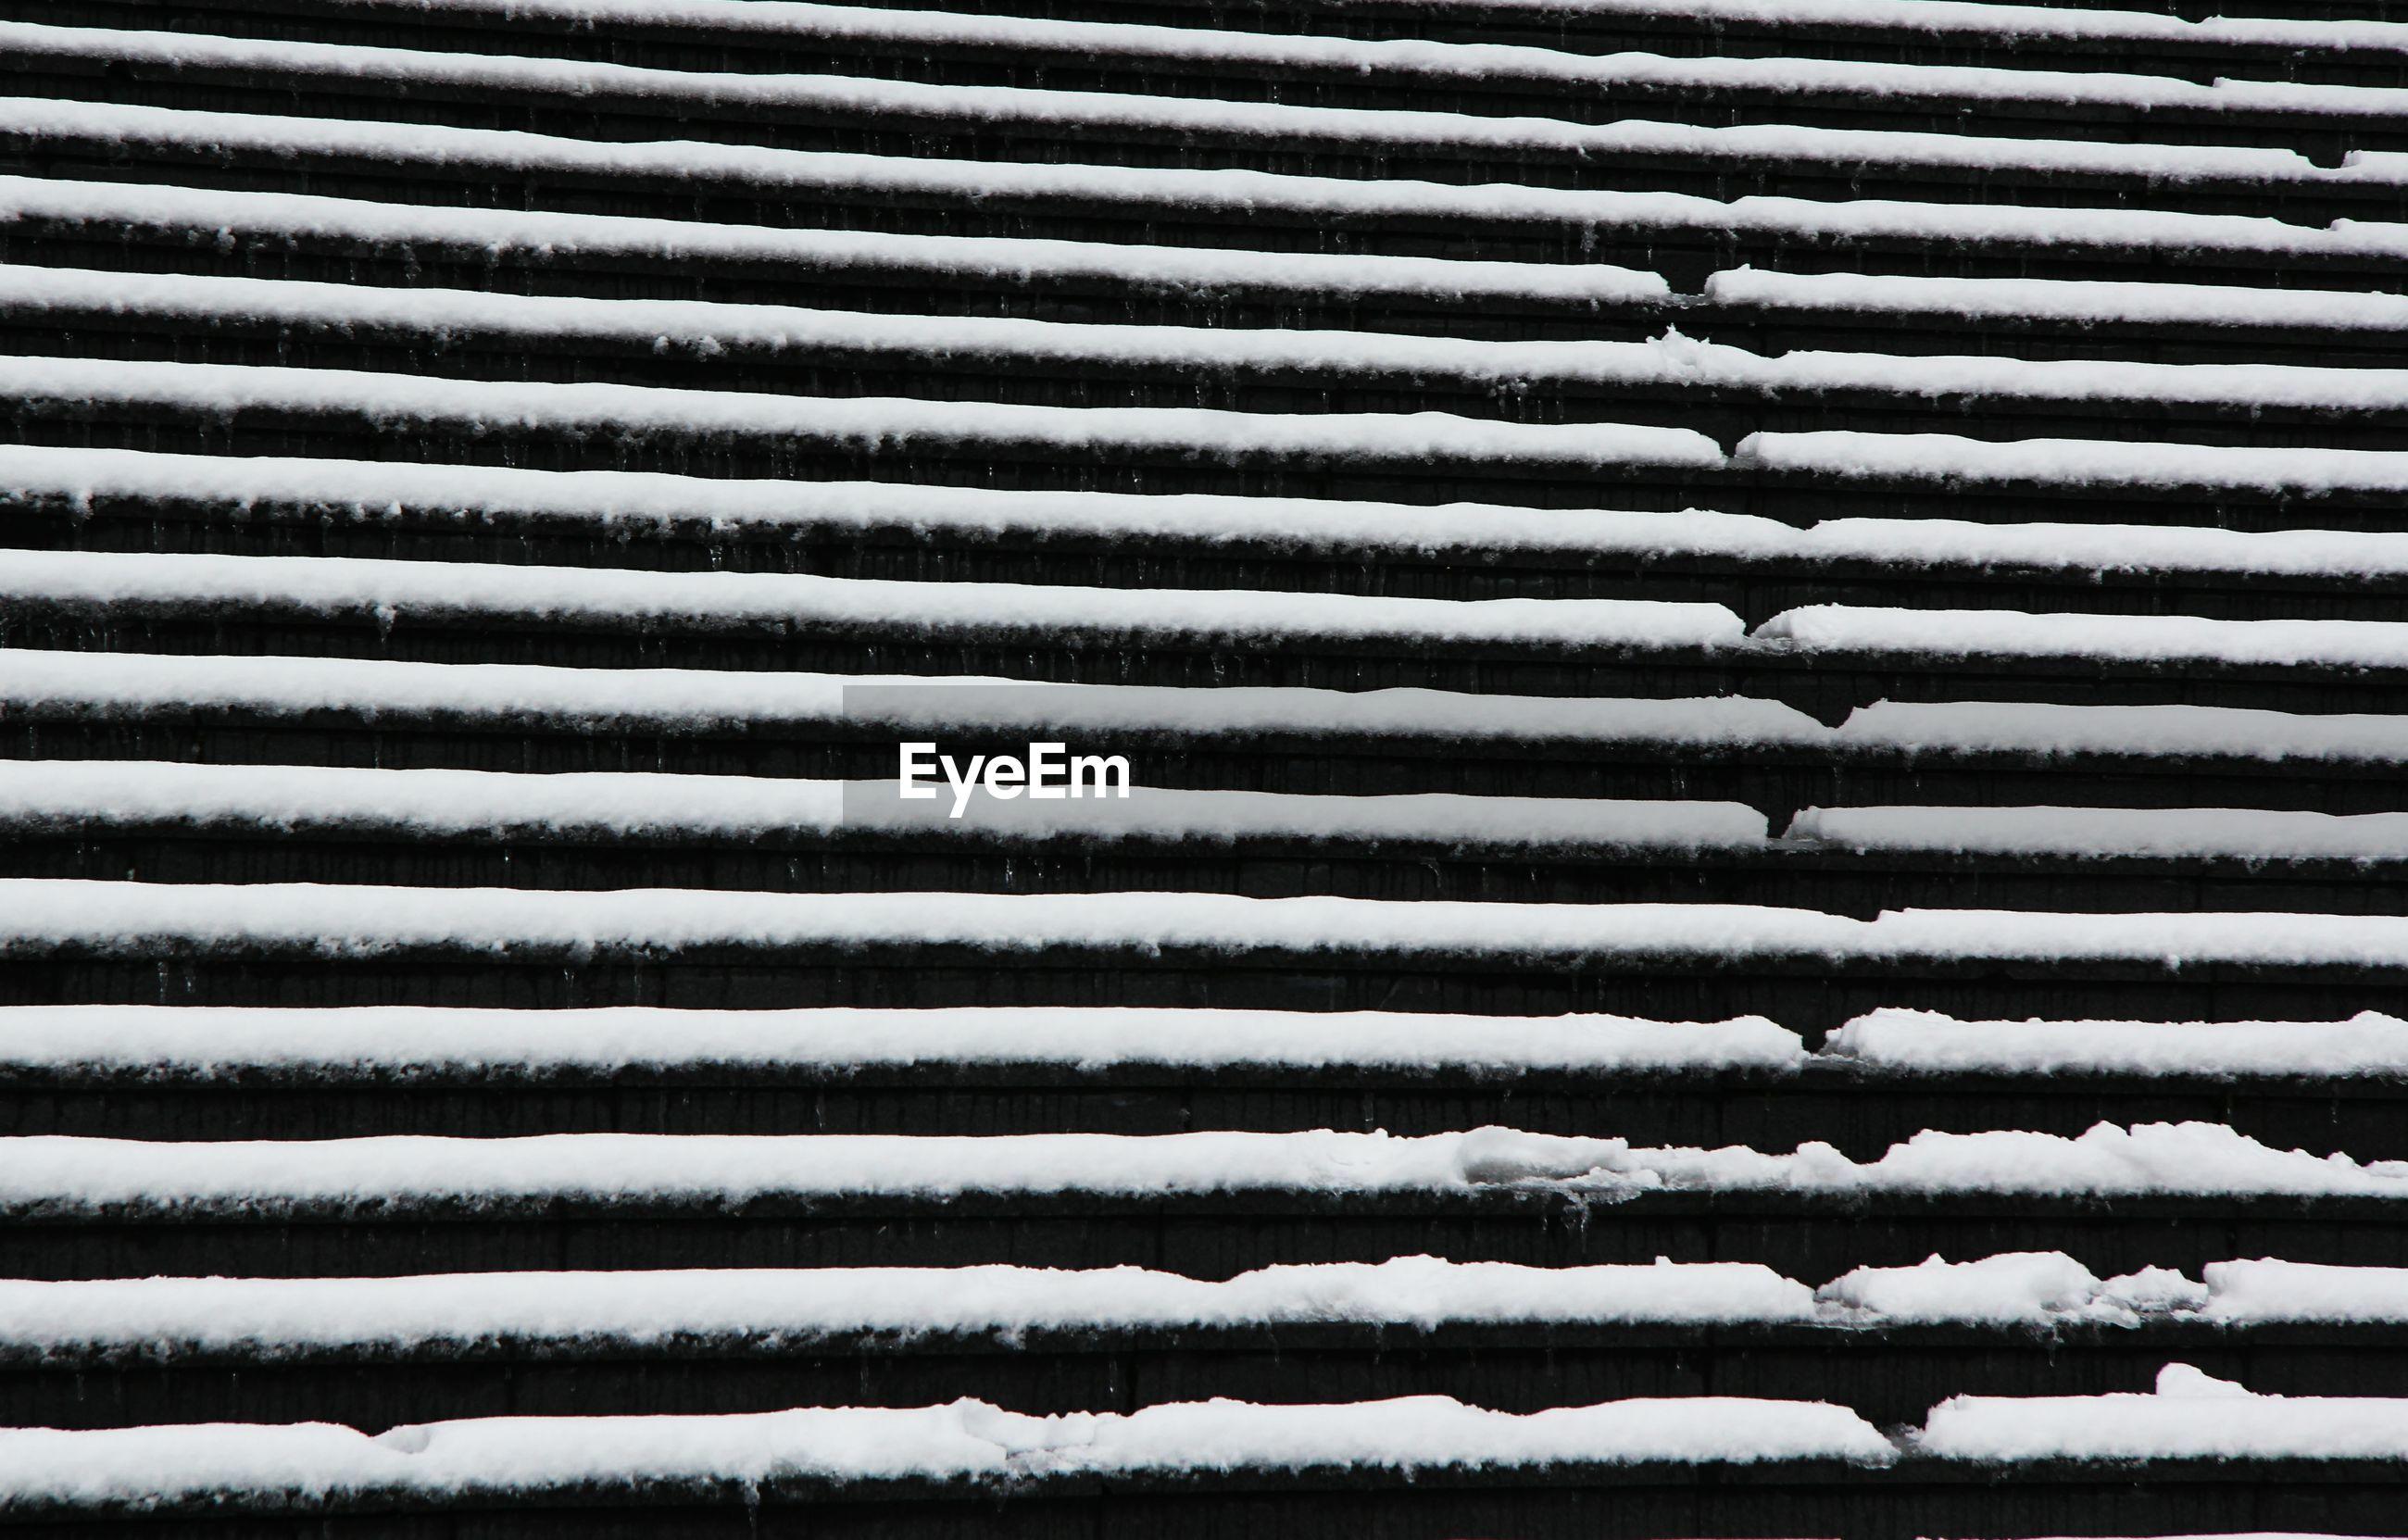 FULL FRAME SHOT OF SNOW ON ZEBRA CROSSING